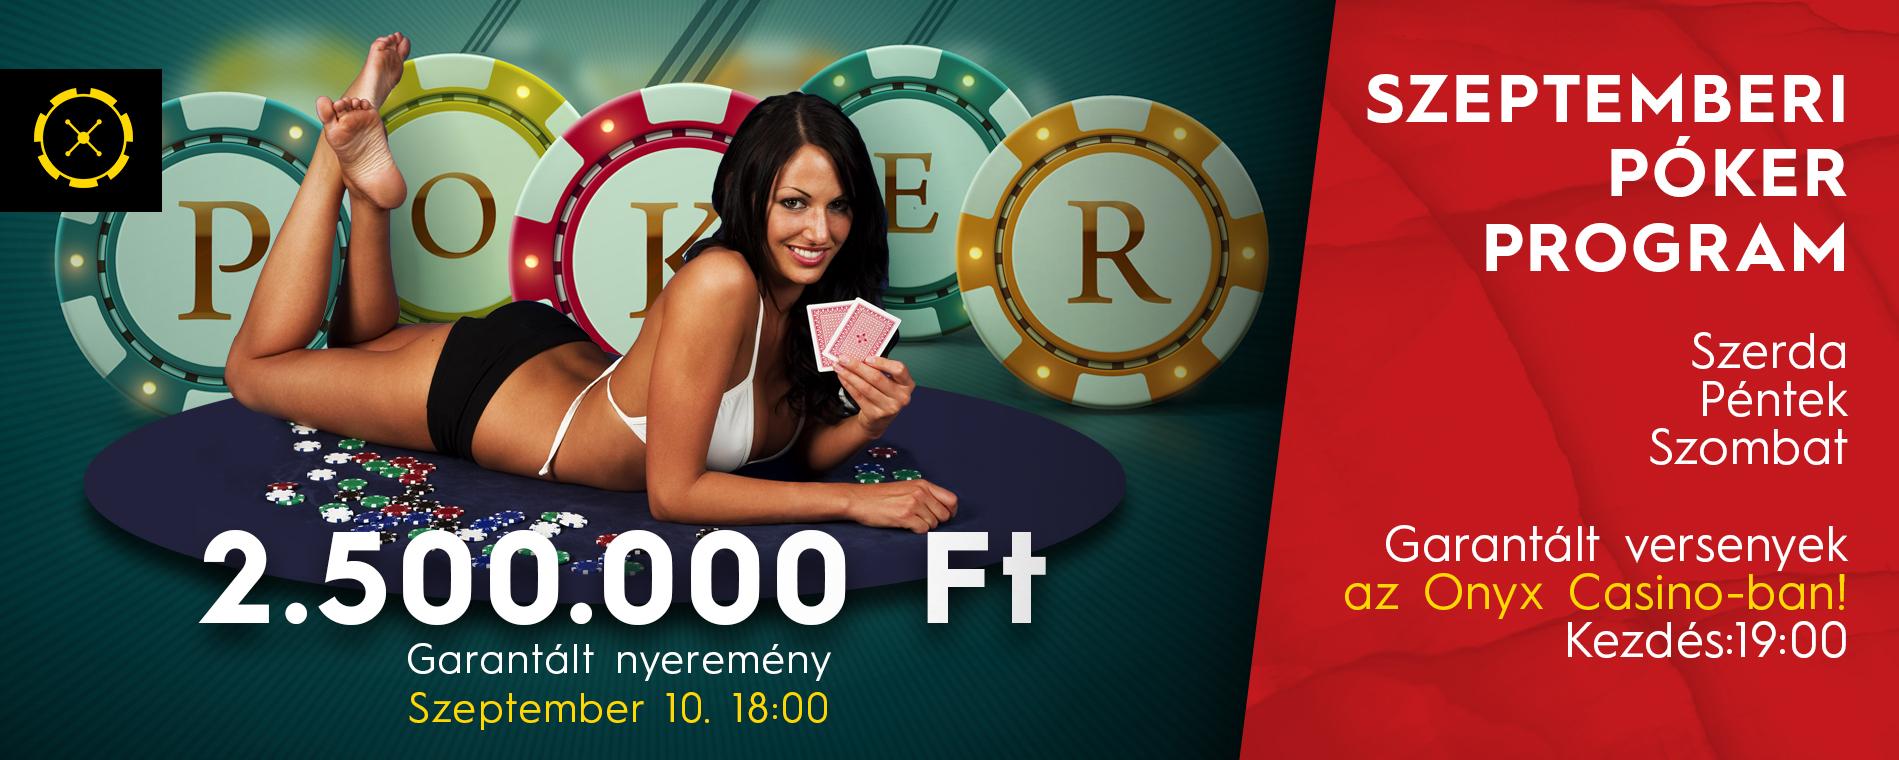 onyx_casino_szept_poker_web_slide_01.